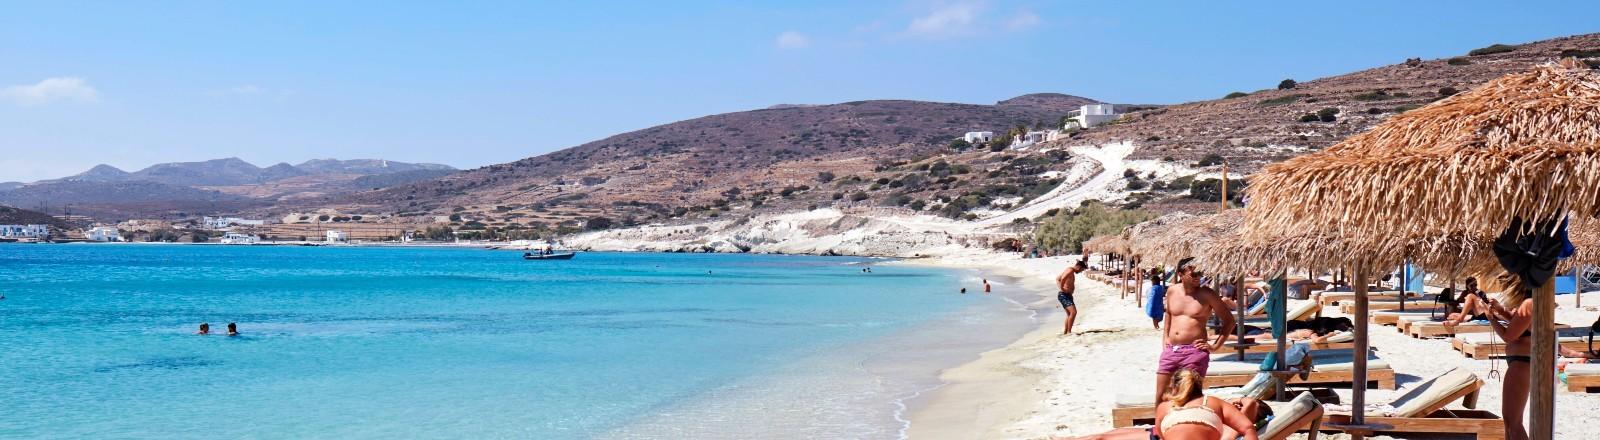 Zu sehen ist blaues Meer und heller Sand an der Küste der griechischen Insel Kimolos.